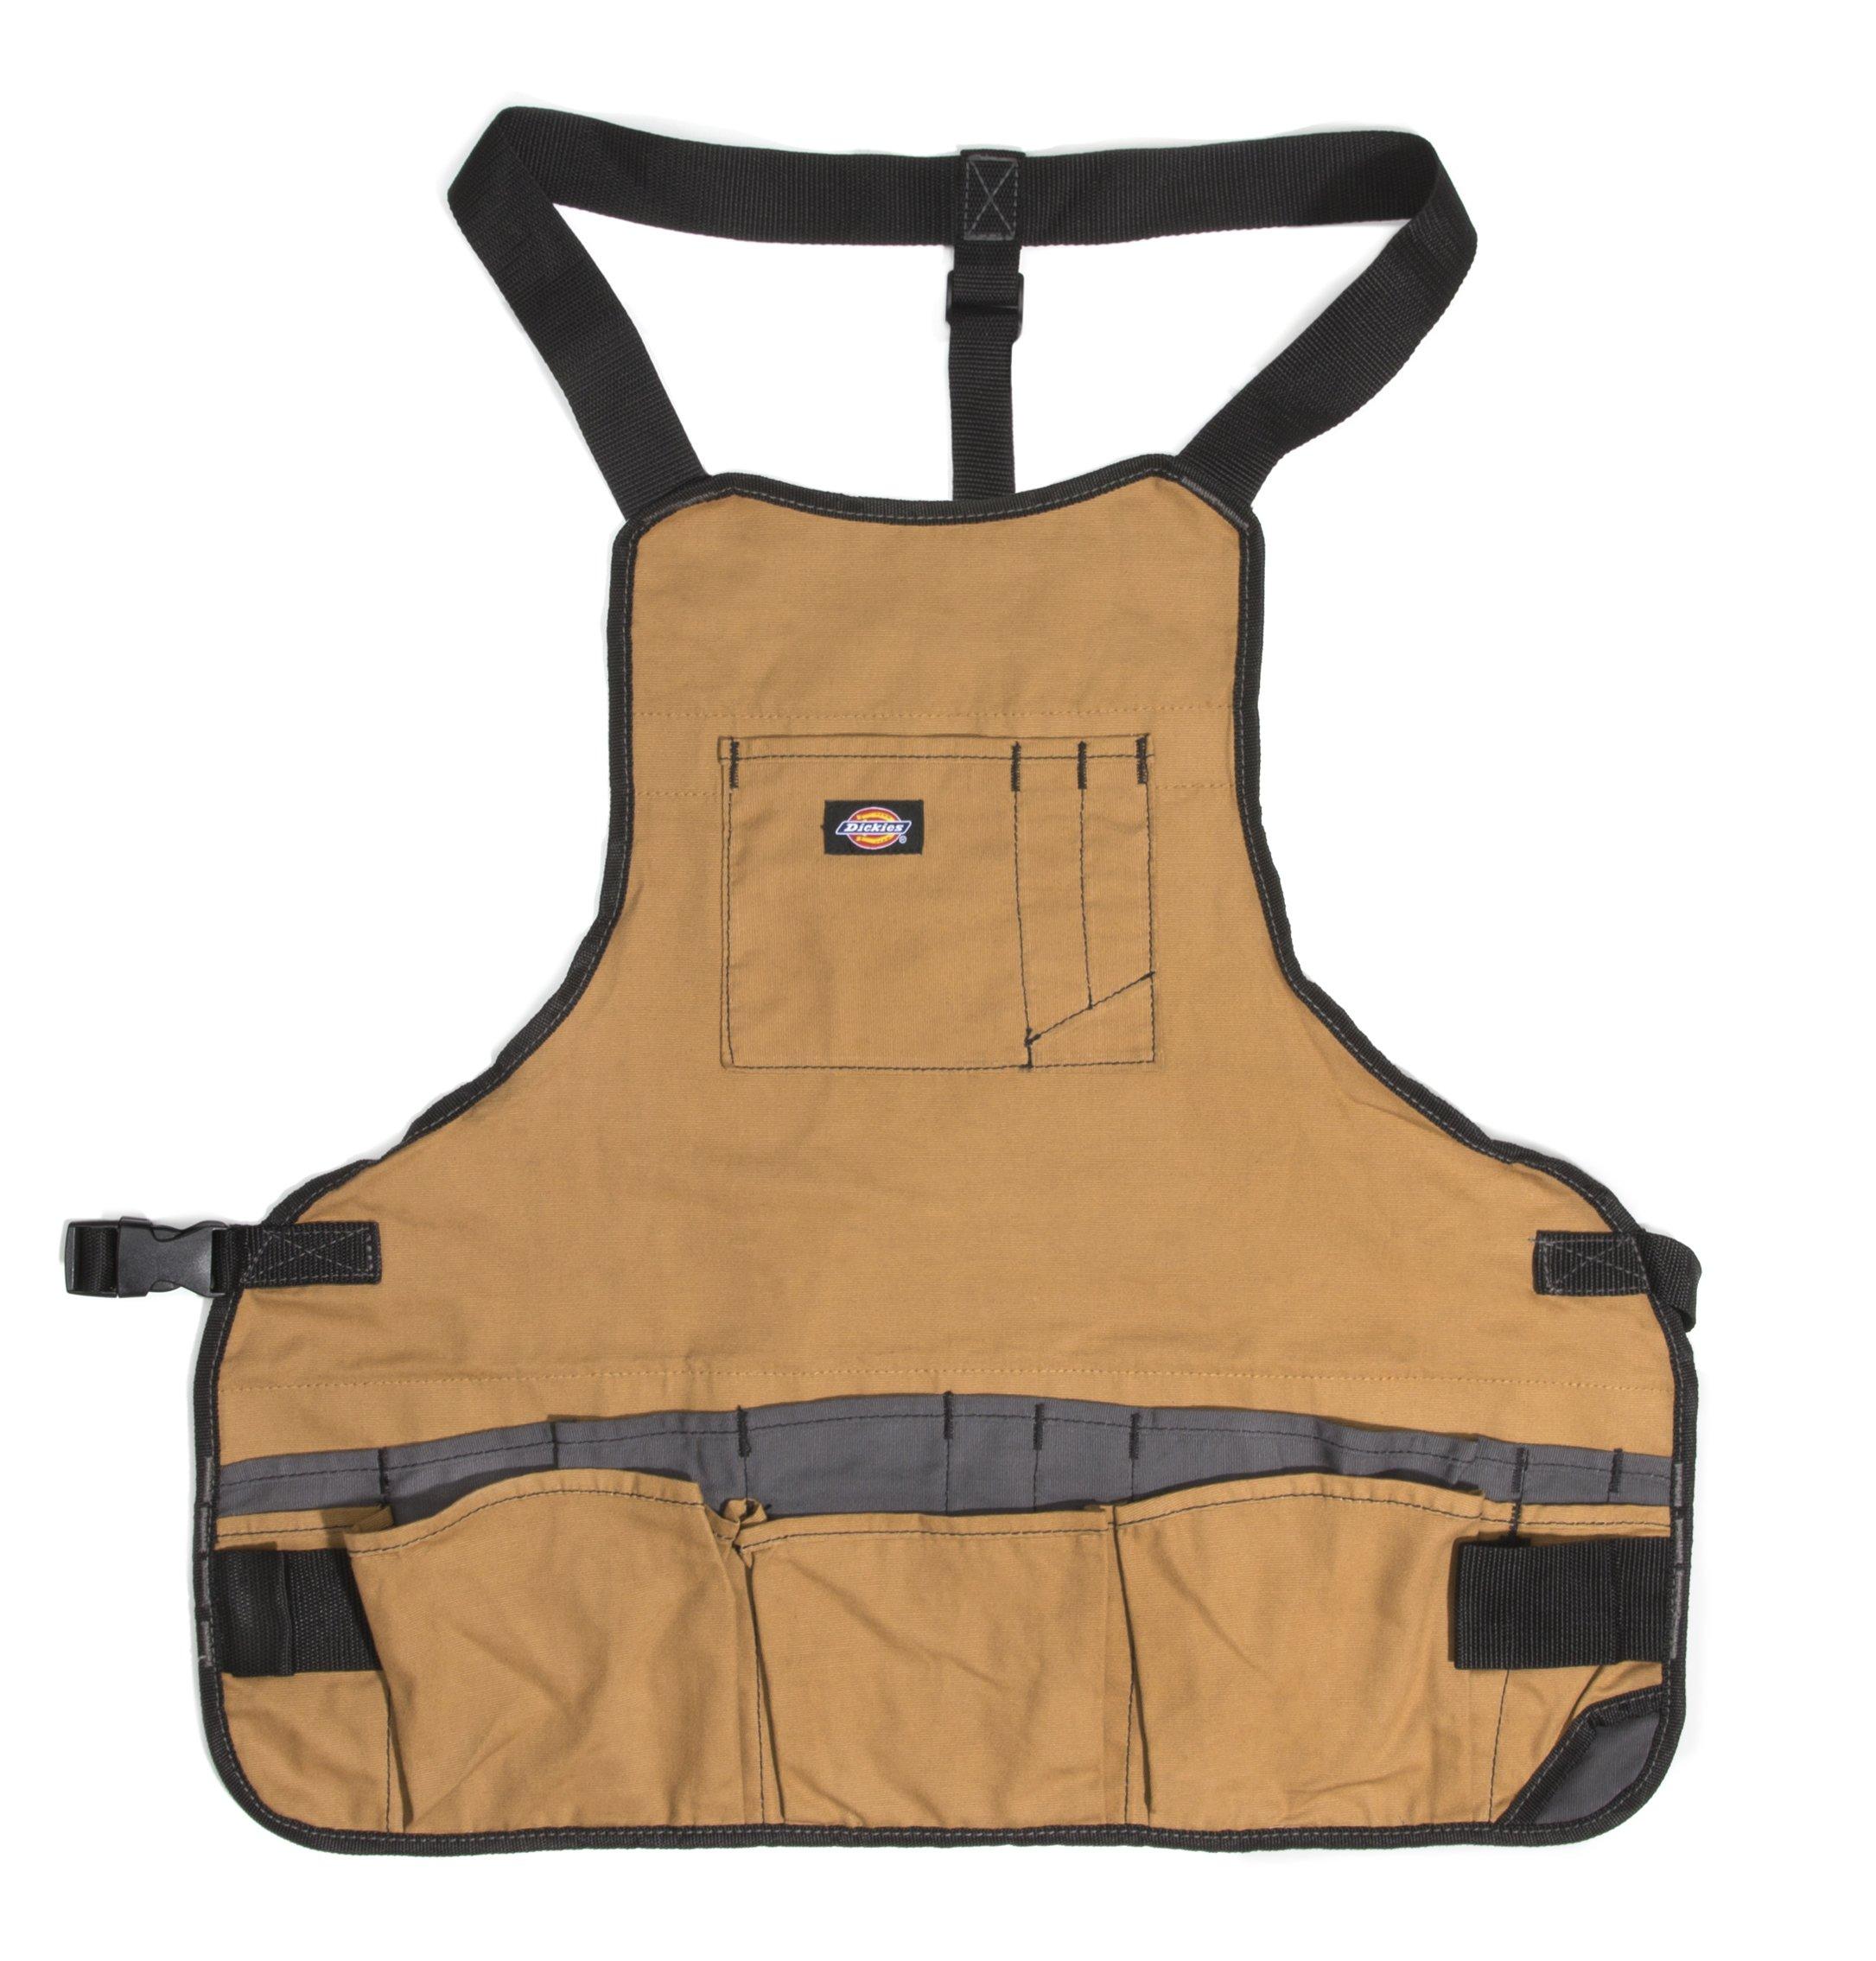 Dickies Work Gear 57027 Grey/Tan 16-Pocket Bib Apron by Dickies Work Gear